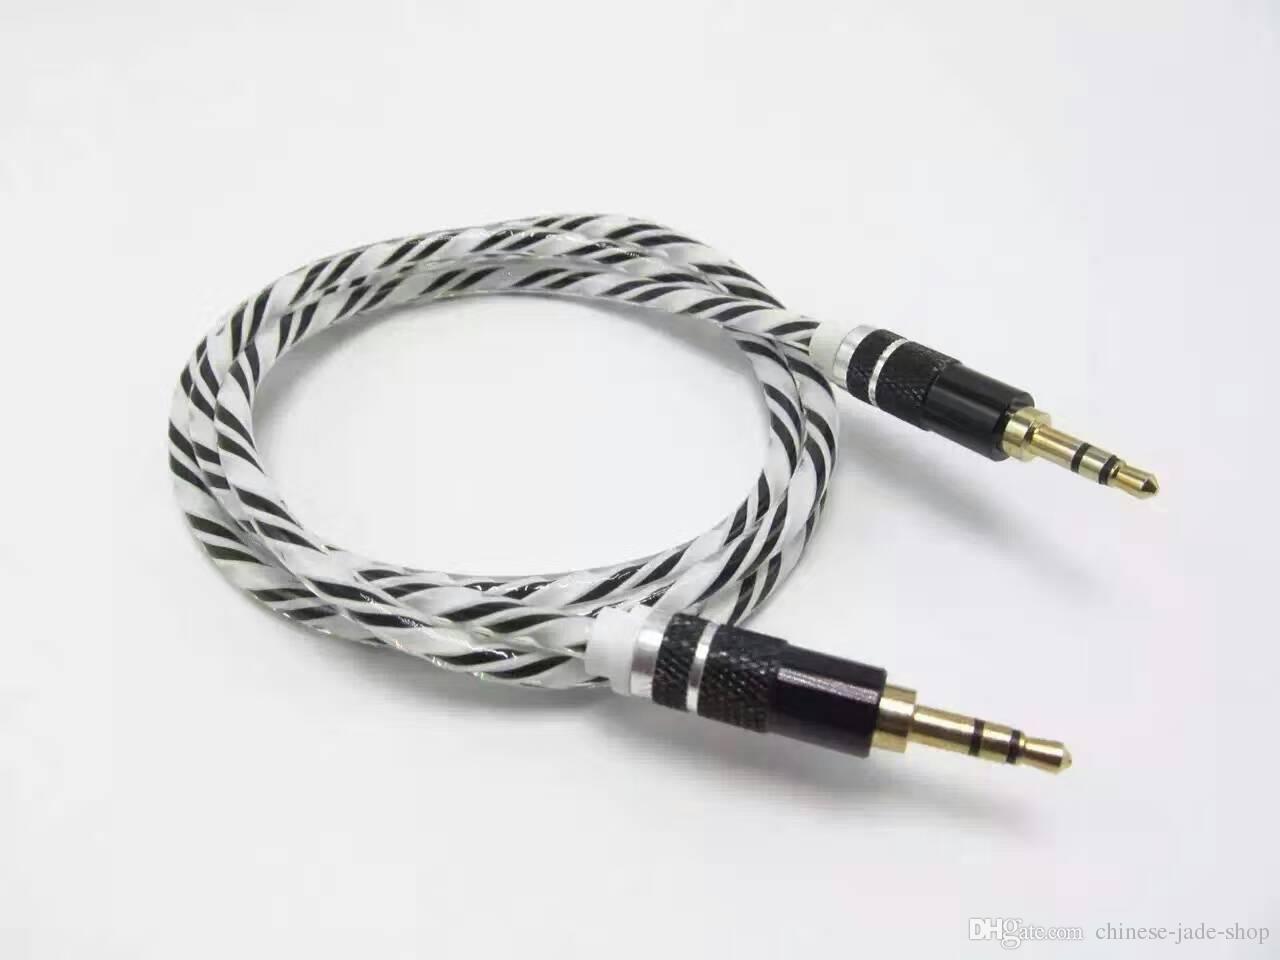 Kryształ Rianbow Delikatny Odważny aluminiowy metalowy kabel adaptera 3.5mm Stereo Audio Aux Cable 1M 3FT 1000 sztuk / partia